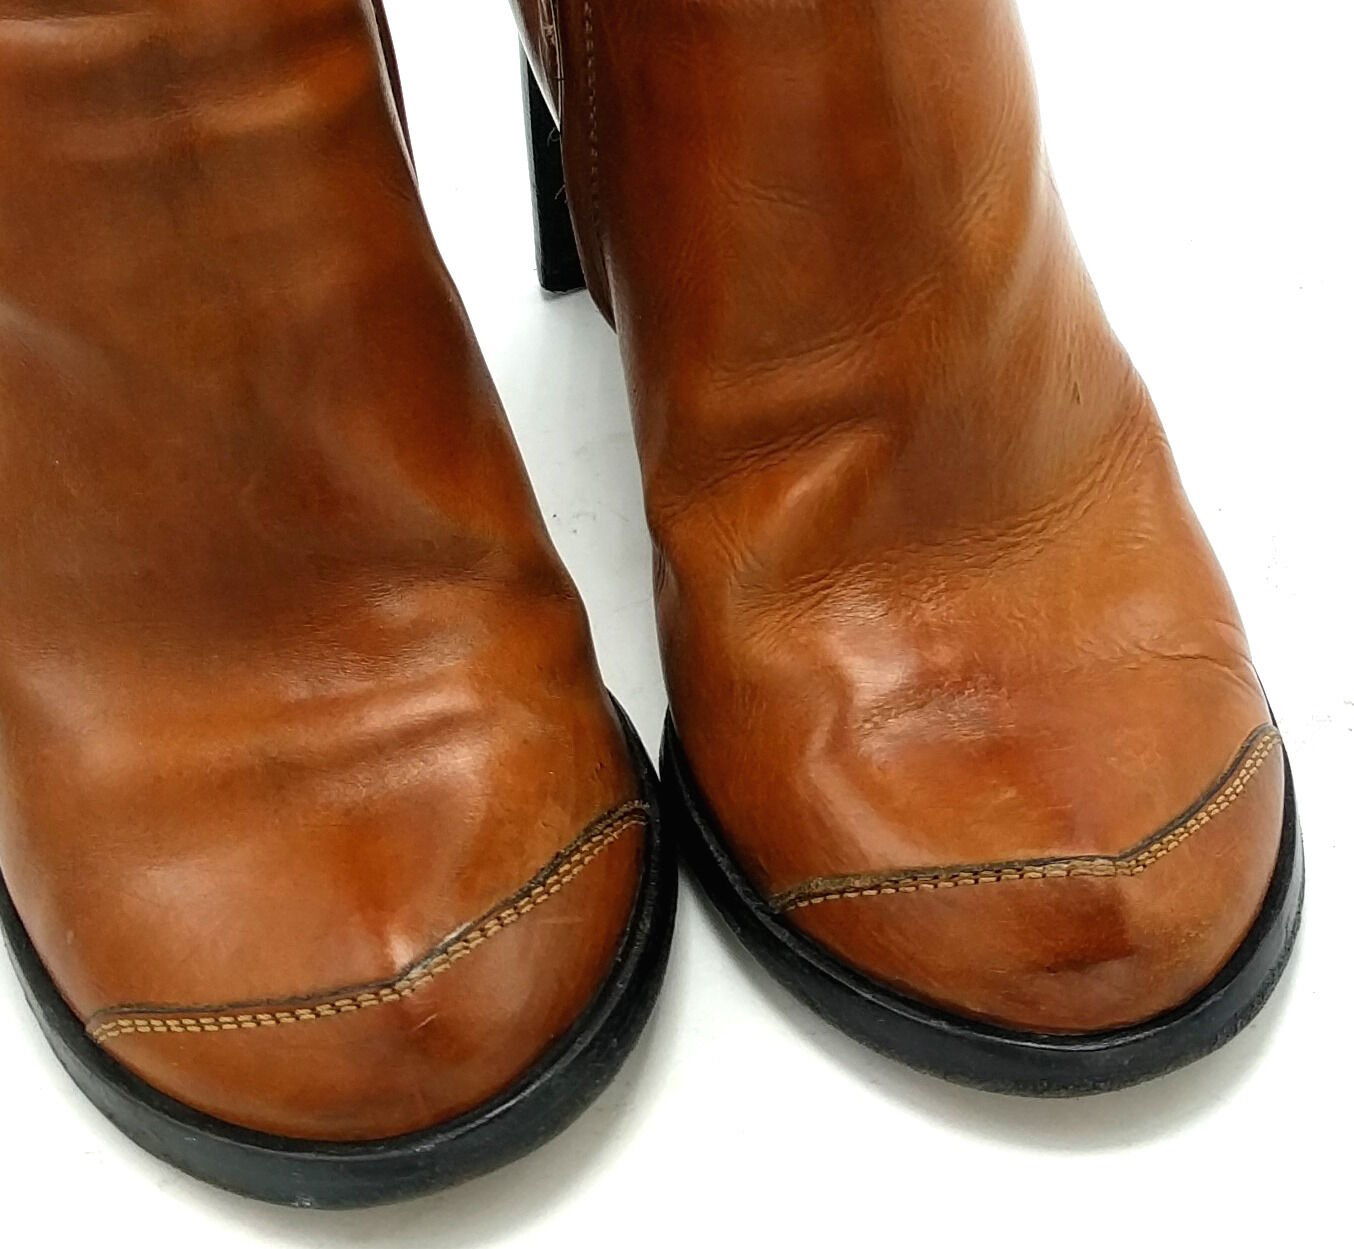 COSTUME NATIONAL braun Leather Heel Heel Heel Mid Calf Stiefel 5.5M  35.5 Zip damen f5677e